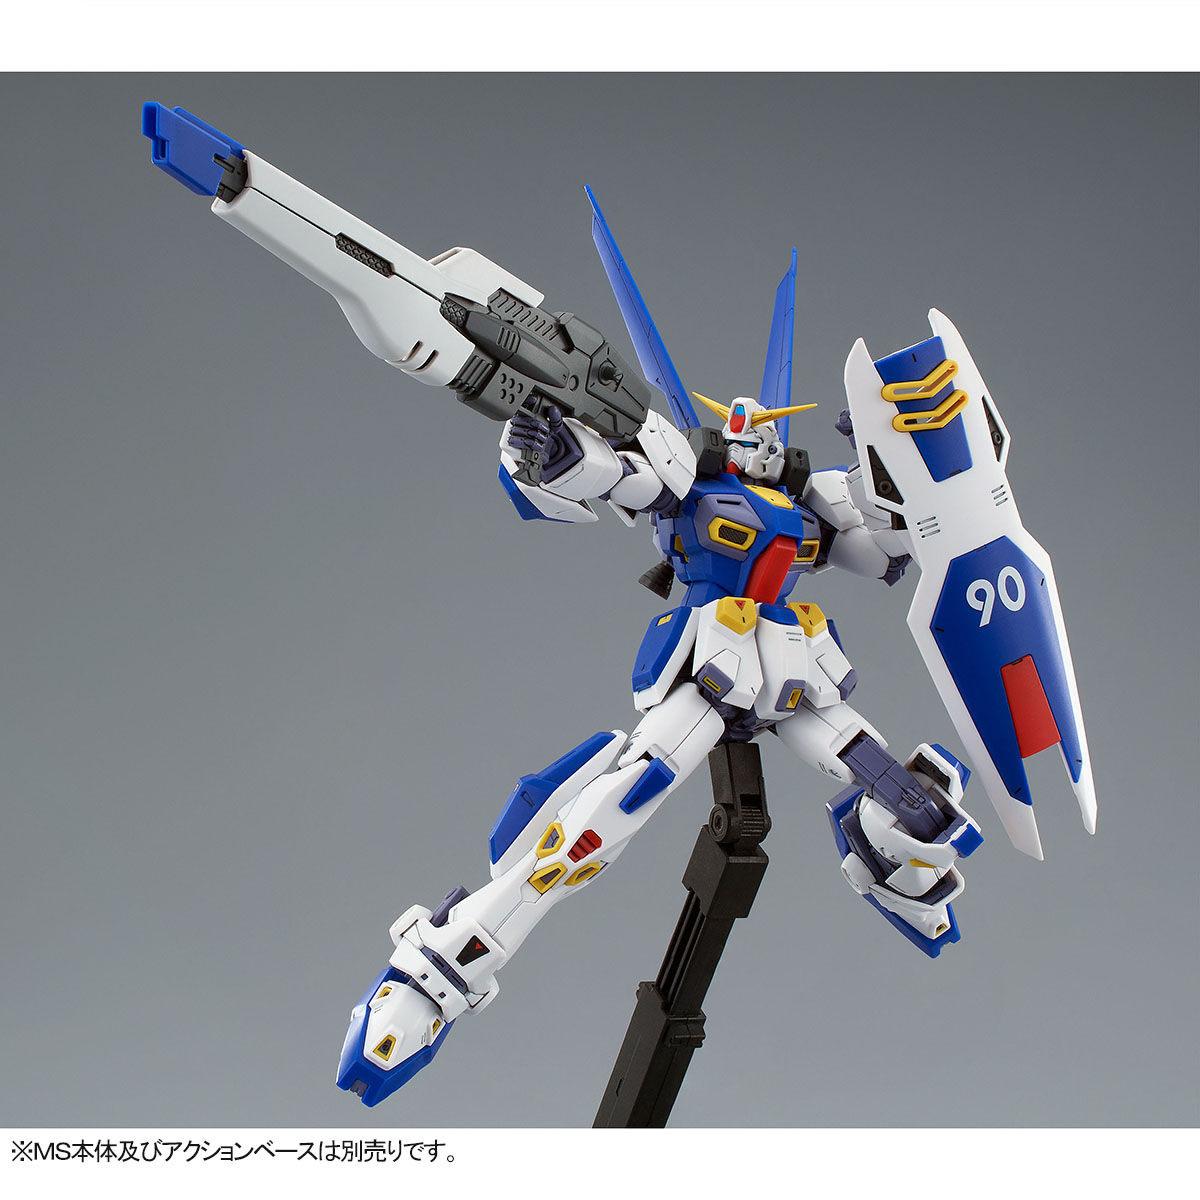 【限定販売】MG 1/100『ガンダムF90用 ミッションパック Oタイプ&Uタイプ』プラモデル-005